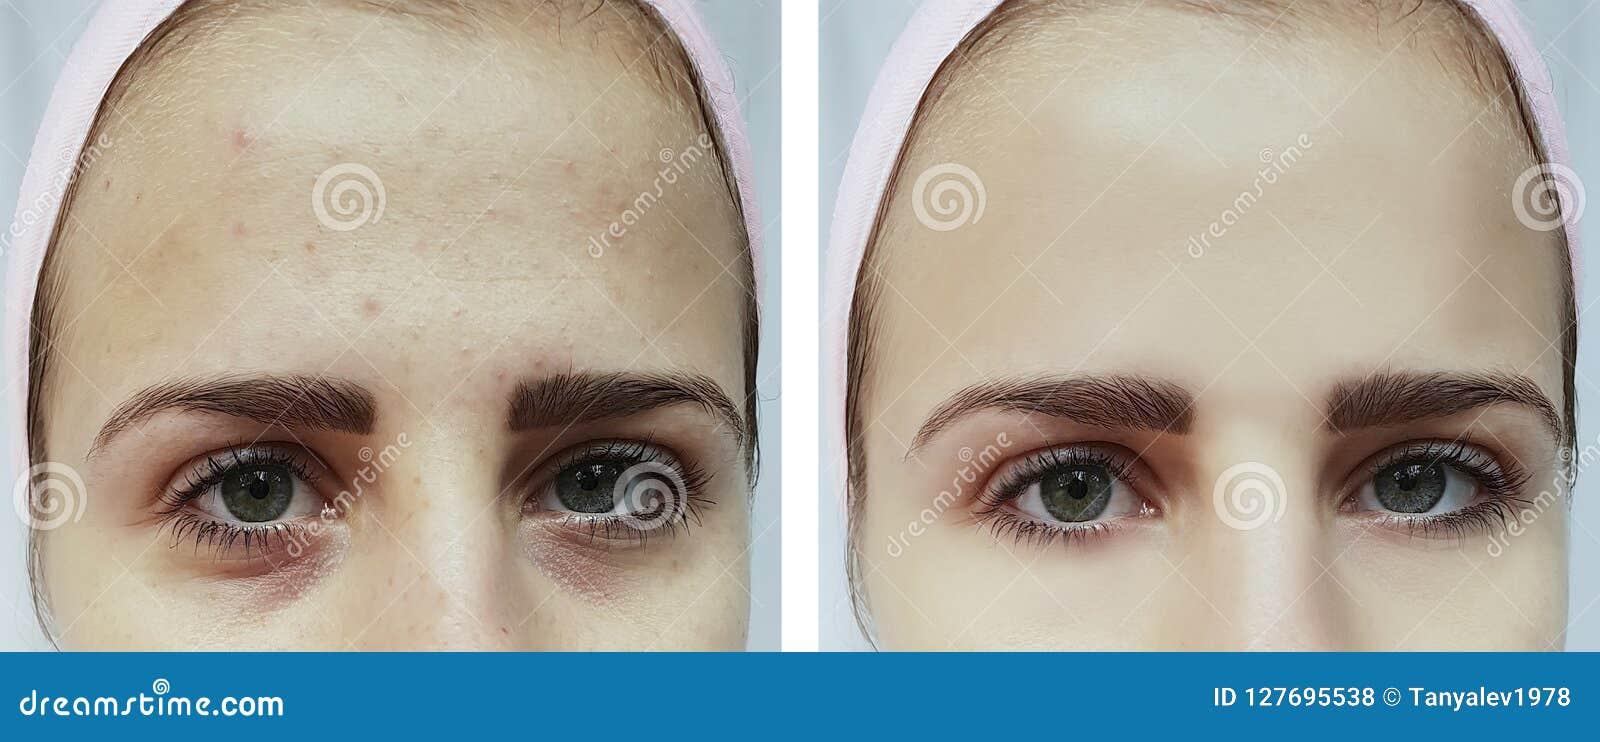 Όμορφη ακμή νέων κοριτσιών, μώλωπες κάτω από τα μάτια πριν και μετά από τις διαδικασίες